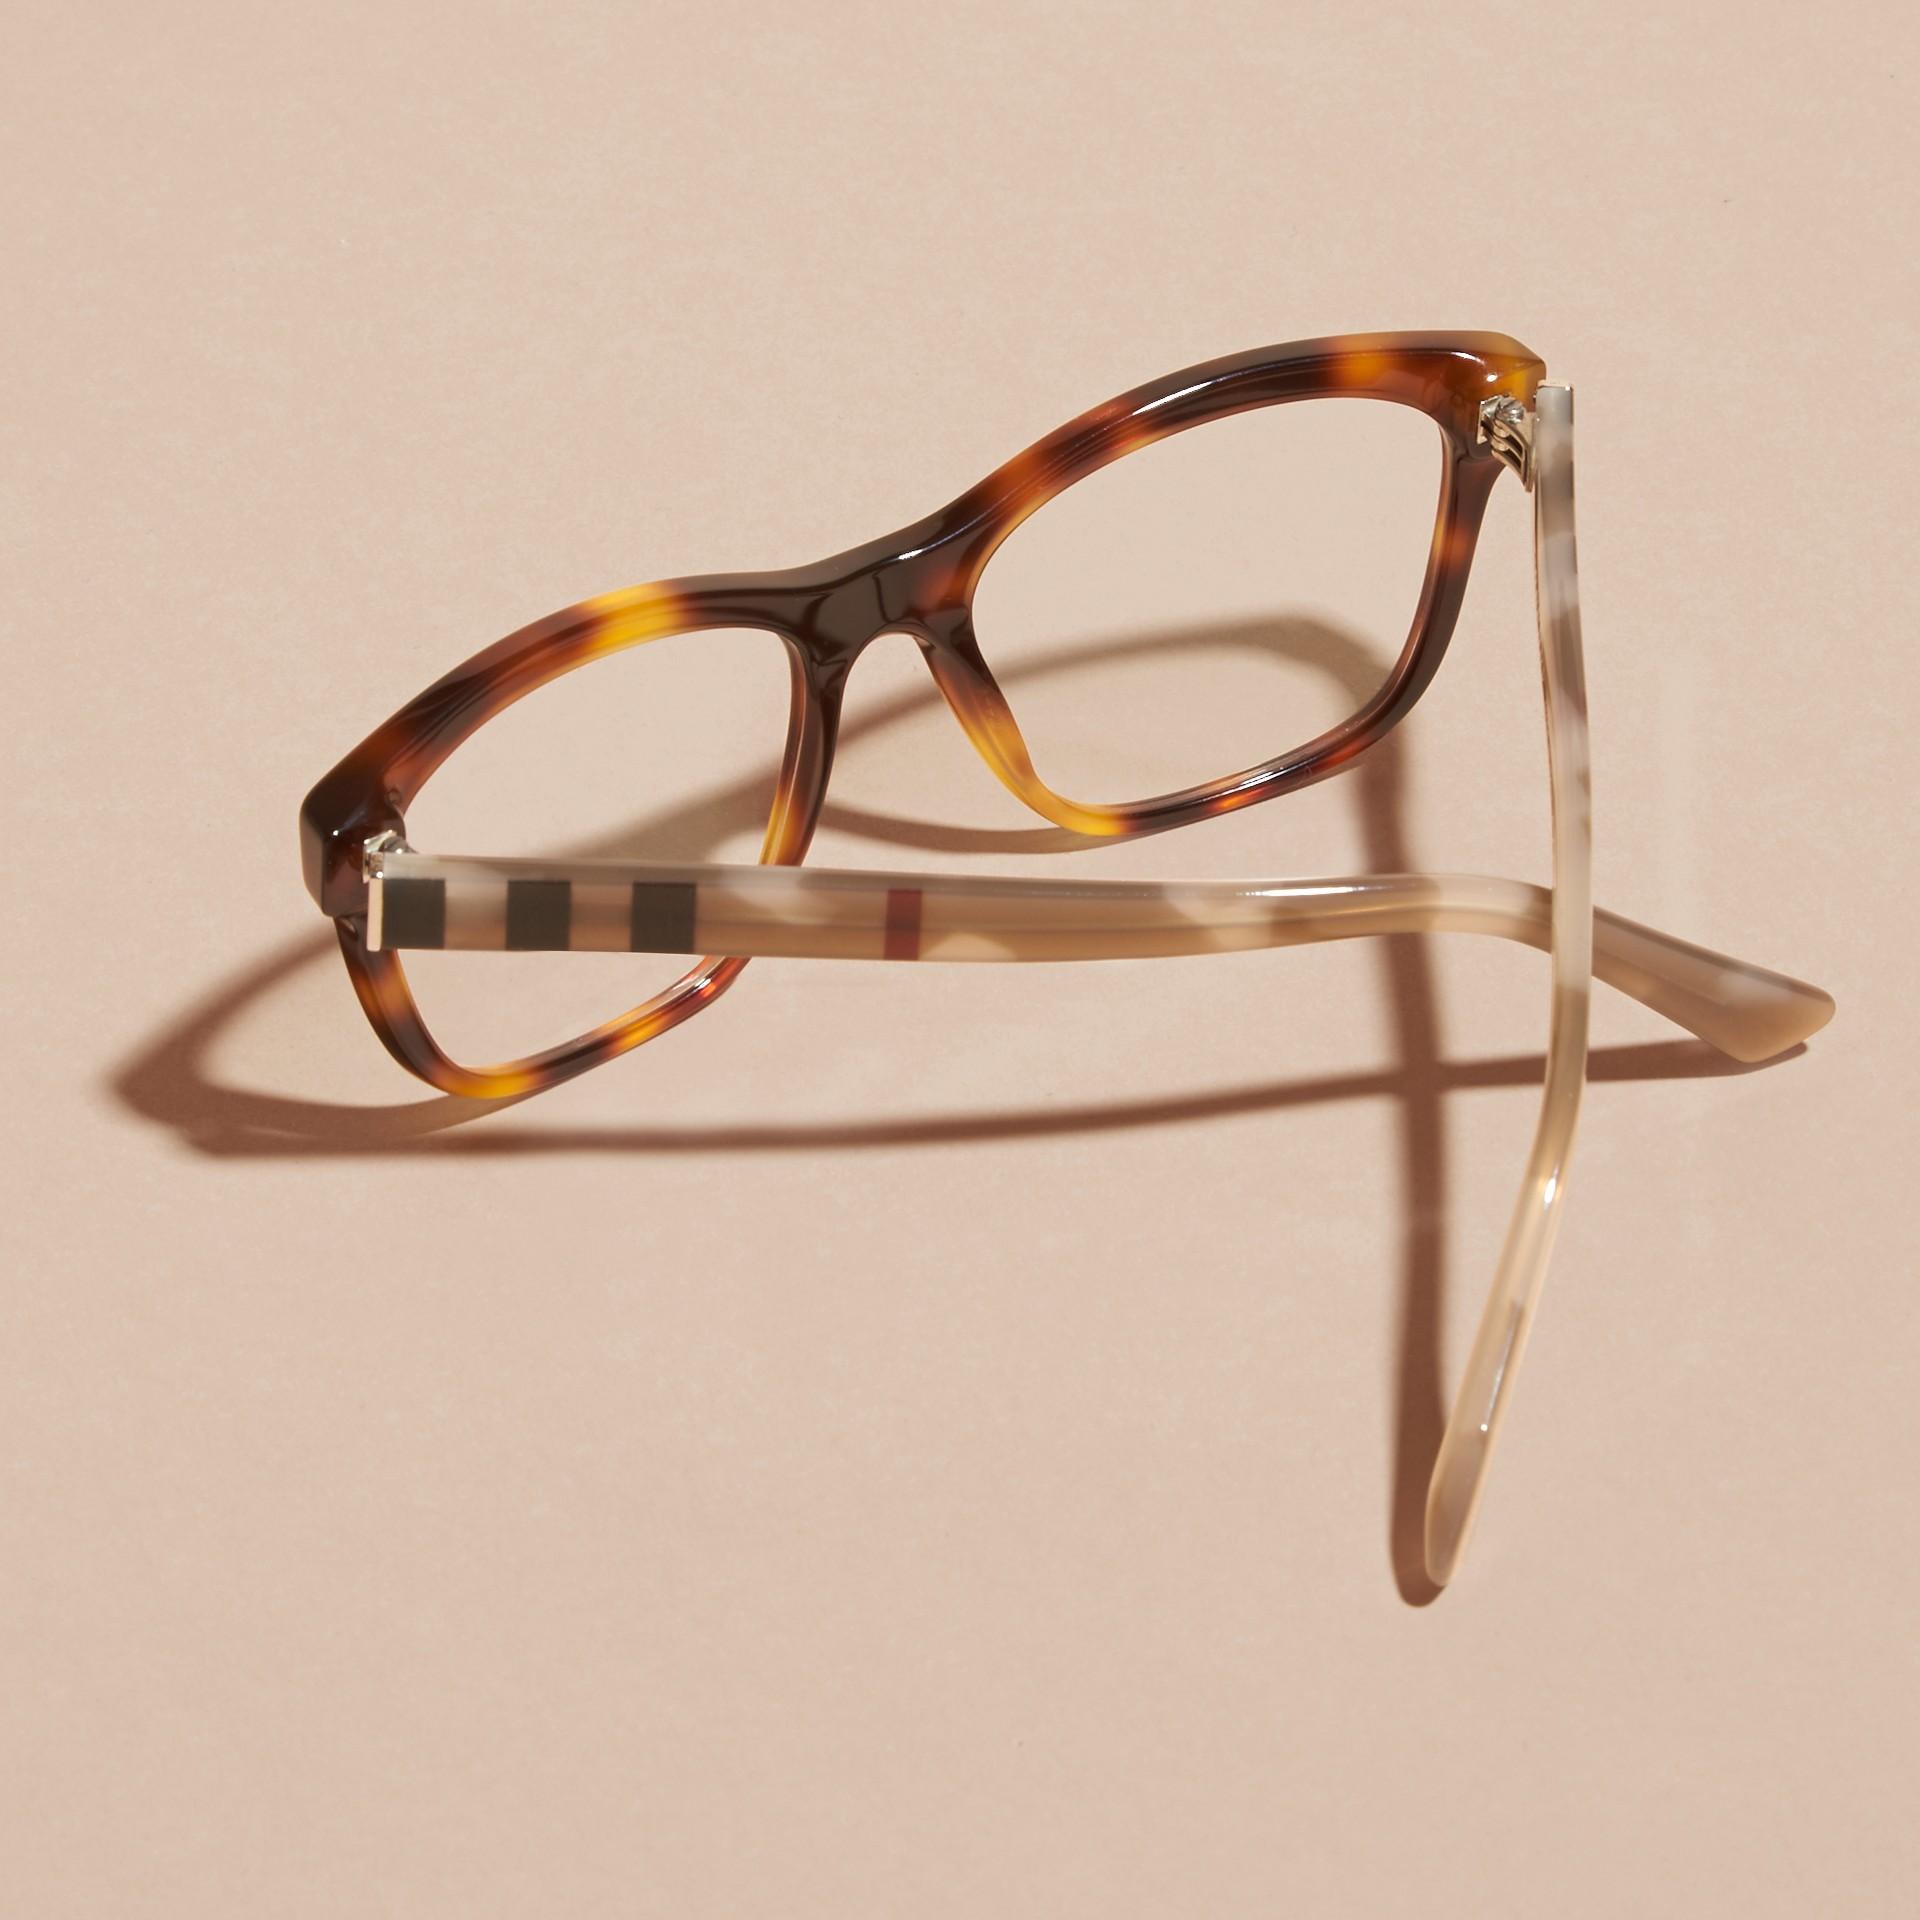 Brun roux clair Monture carrée à motif check pour lunettes de vue Brun Roux Clair - photo de la galerie 4